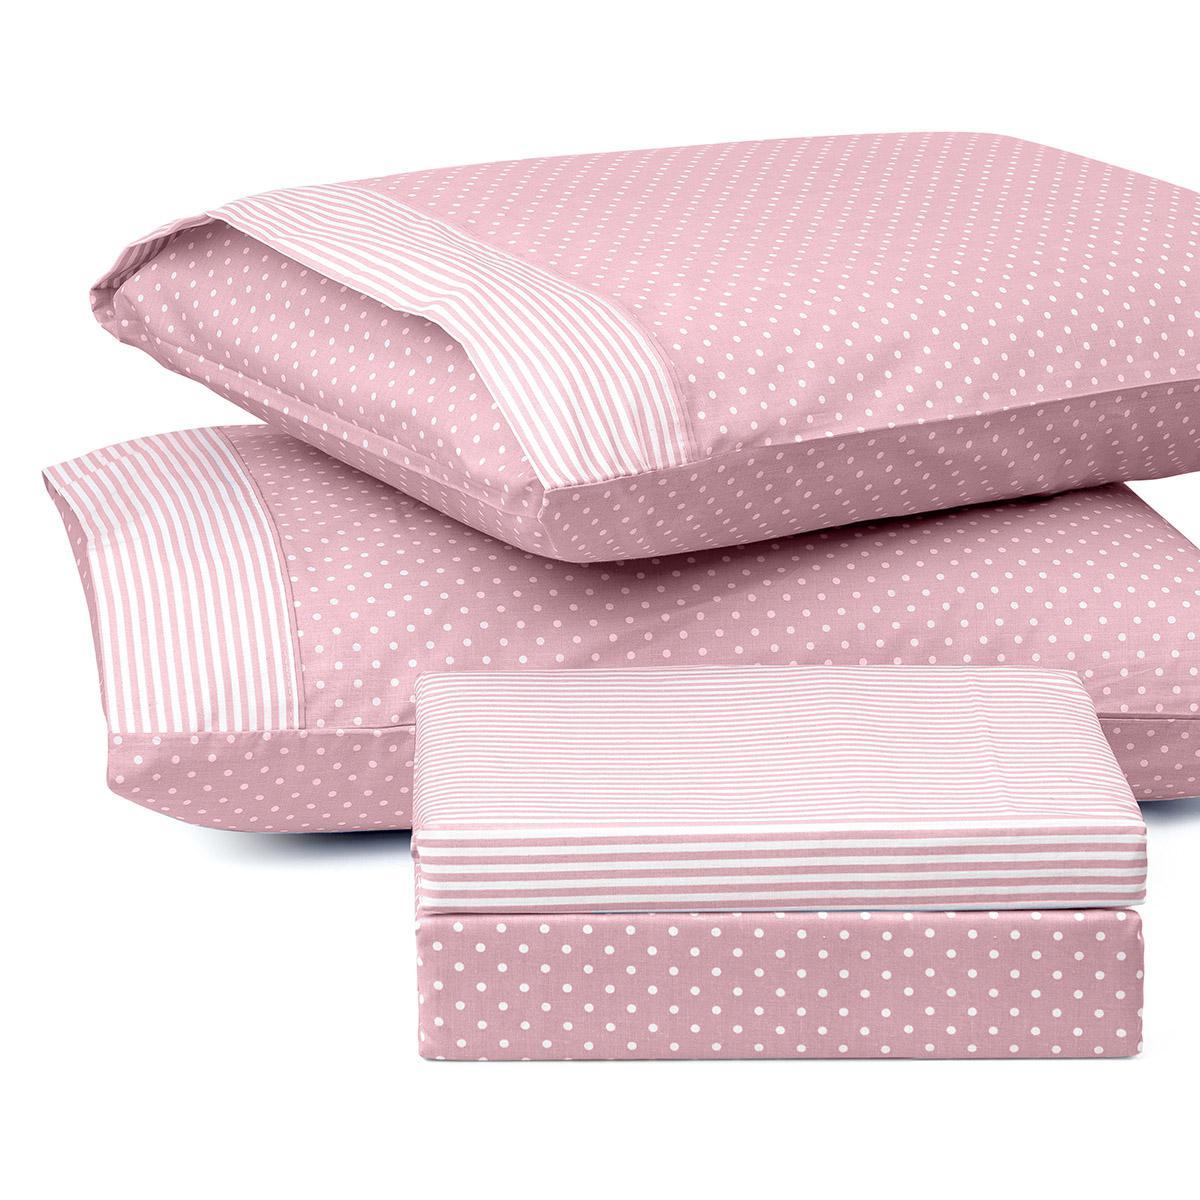 Σετ πάπλωμα υπέρδιπλο πουά JOY Art 1680 220×240 Ροζ Beauty Home